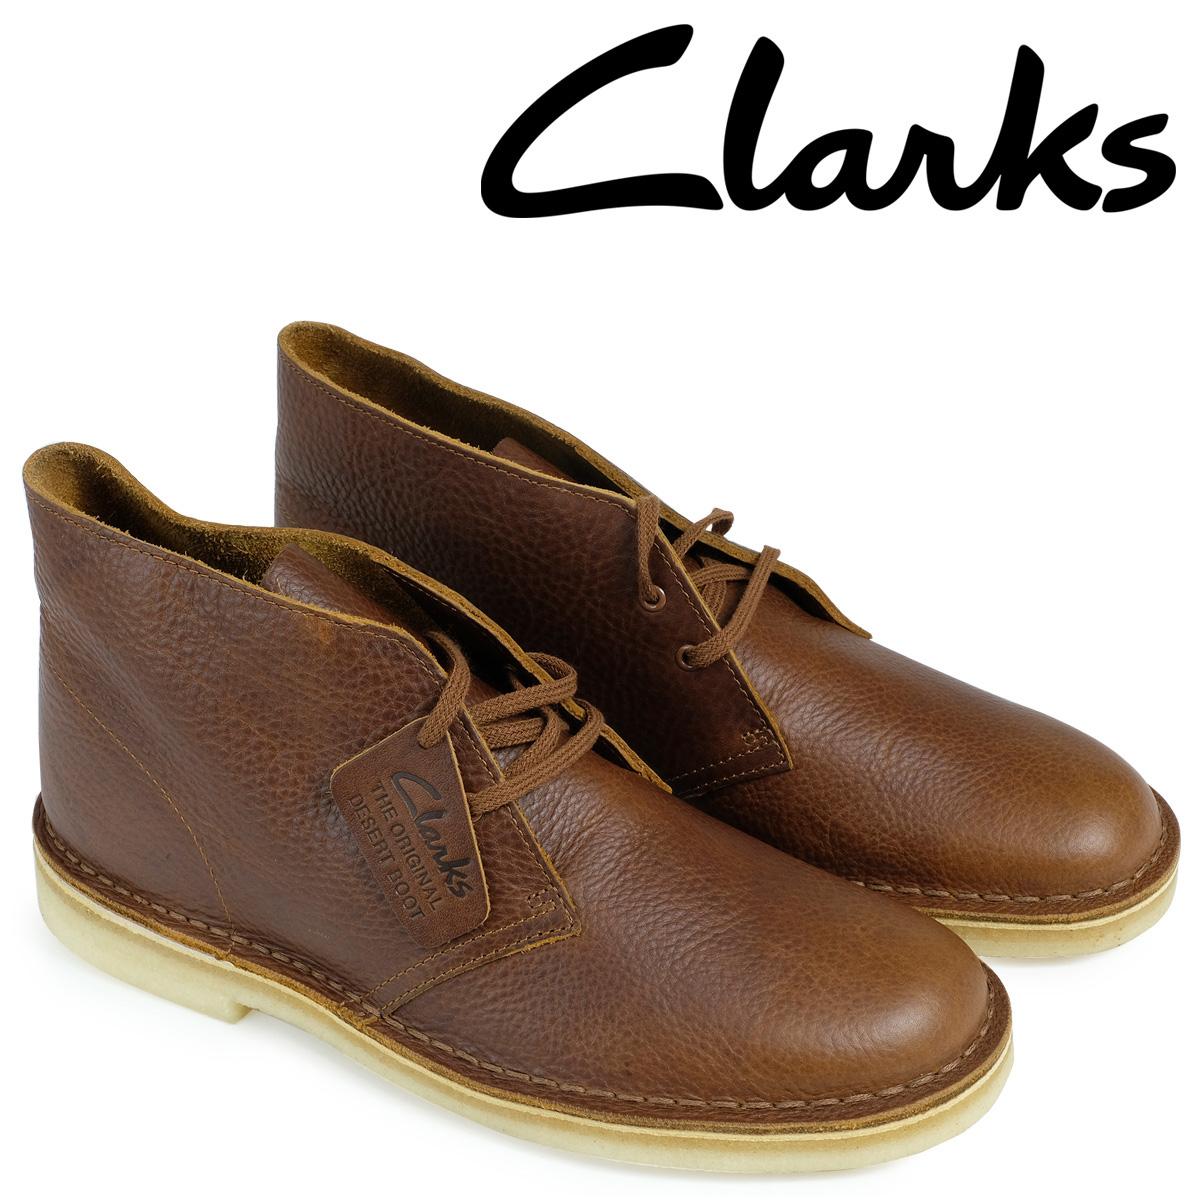 クラークス Clarks デザートブーツ レザー メンズ DESERT BOOT クラークス BOOT 26125549 レザー ブラウン, colettecolette コレットコレット:fed0d8c8 --- ww.thecollagist.com